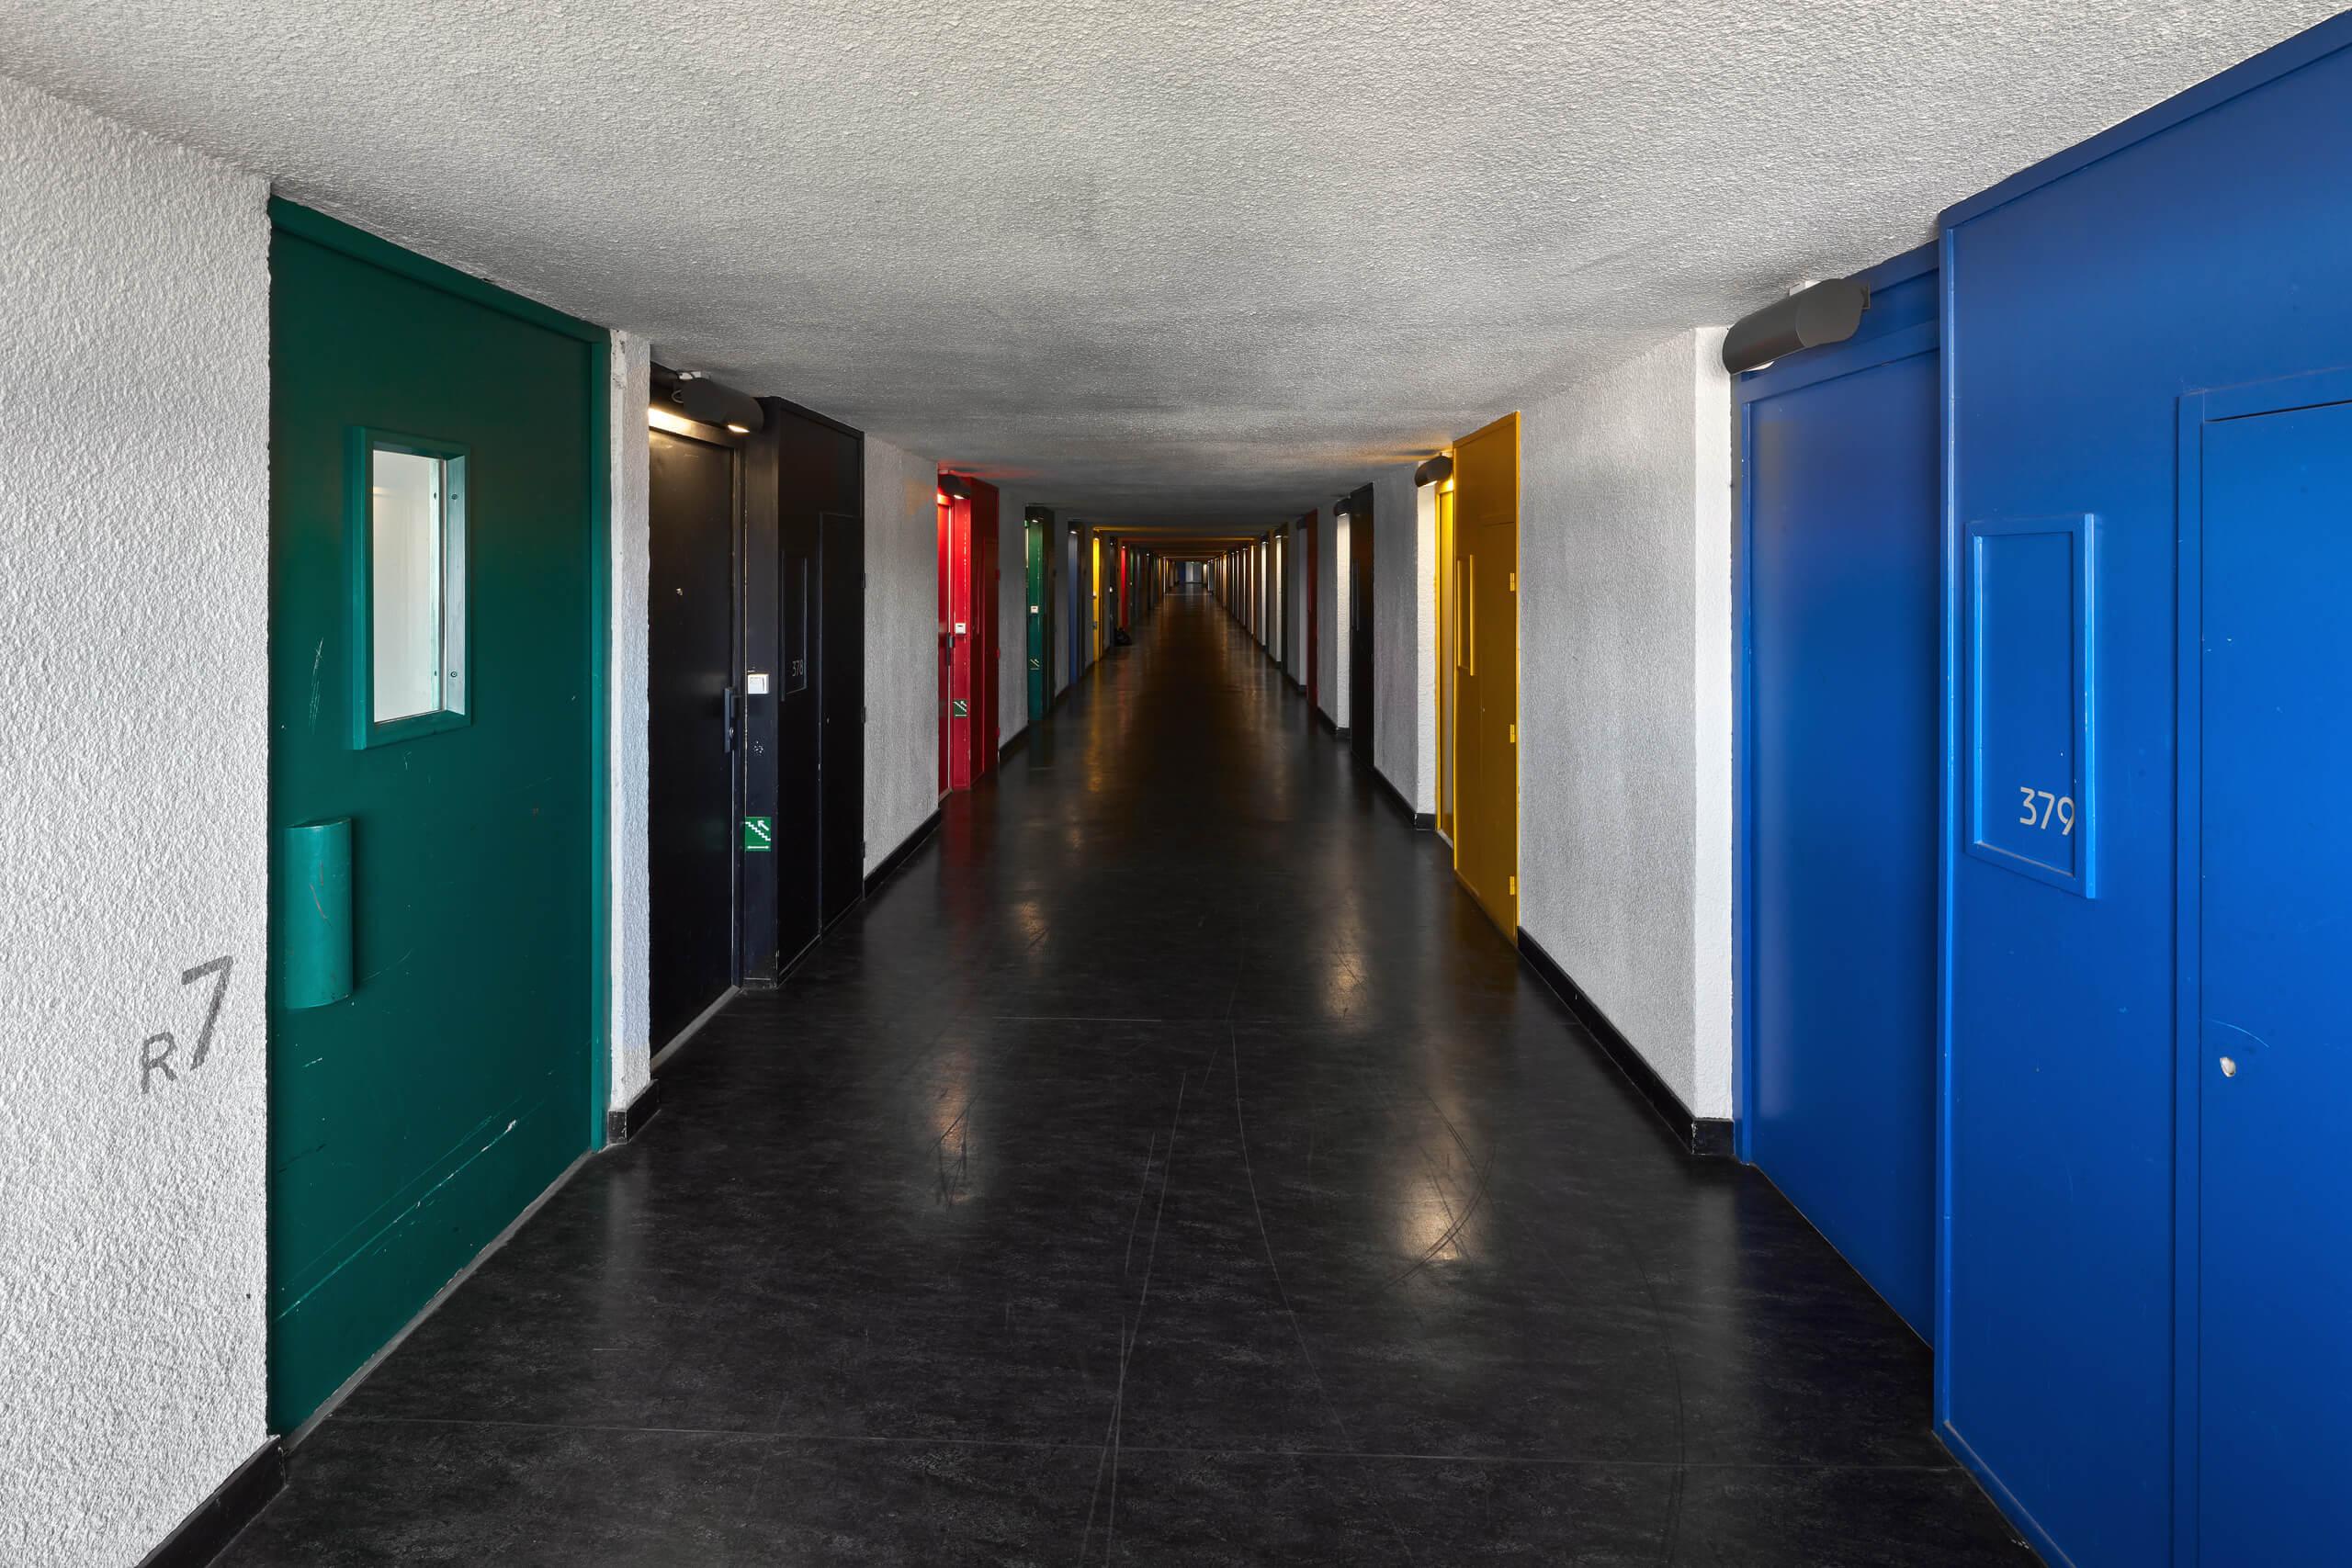 Federico_Covre_Unité_Firminy_Le_Corbusier_2018_60